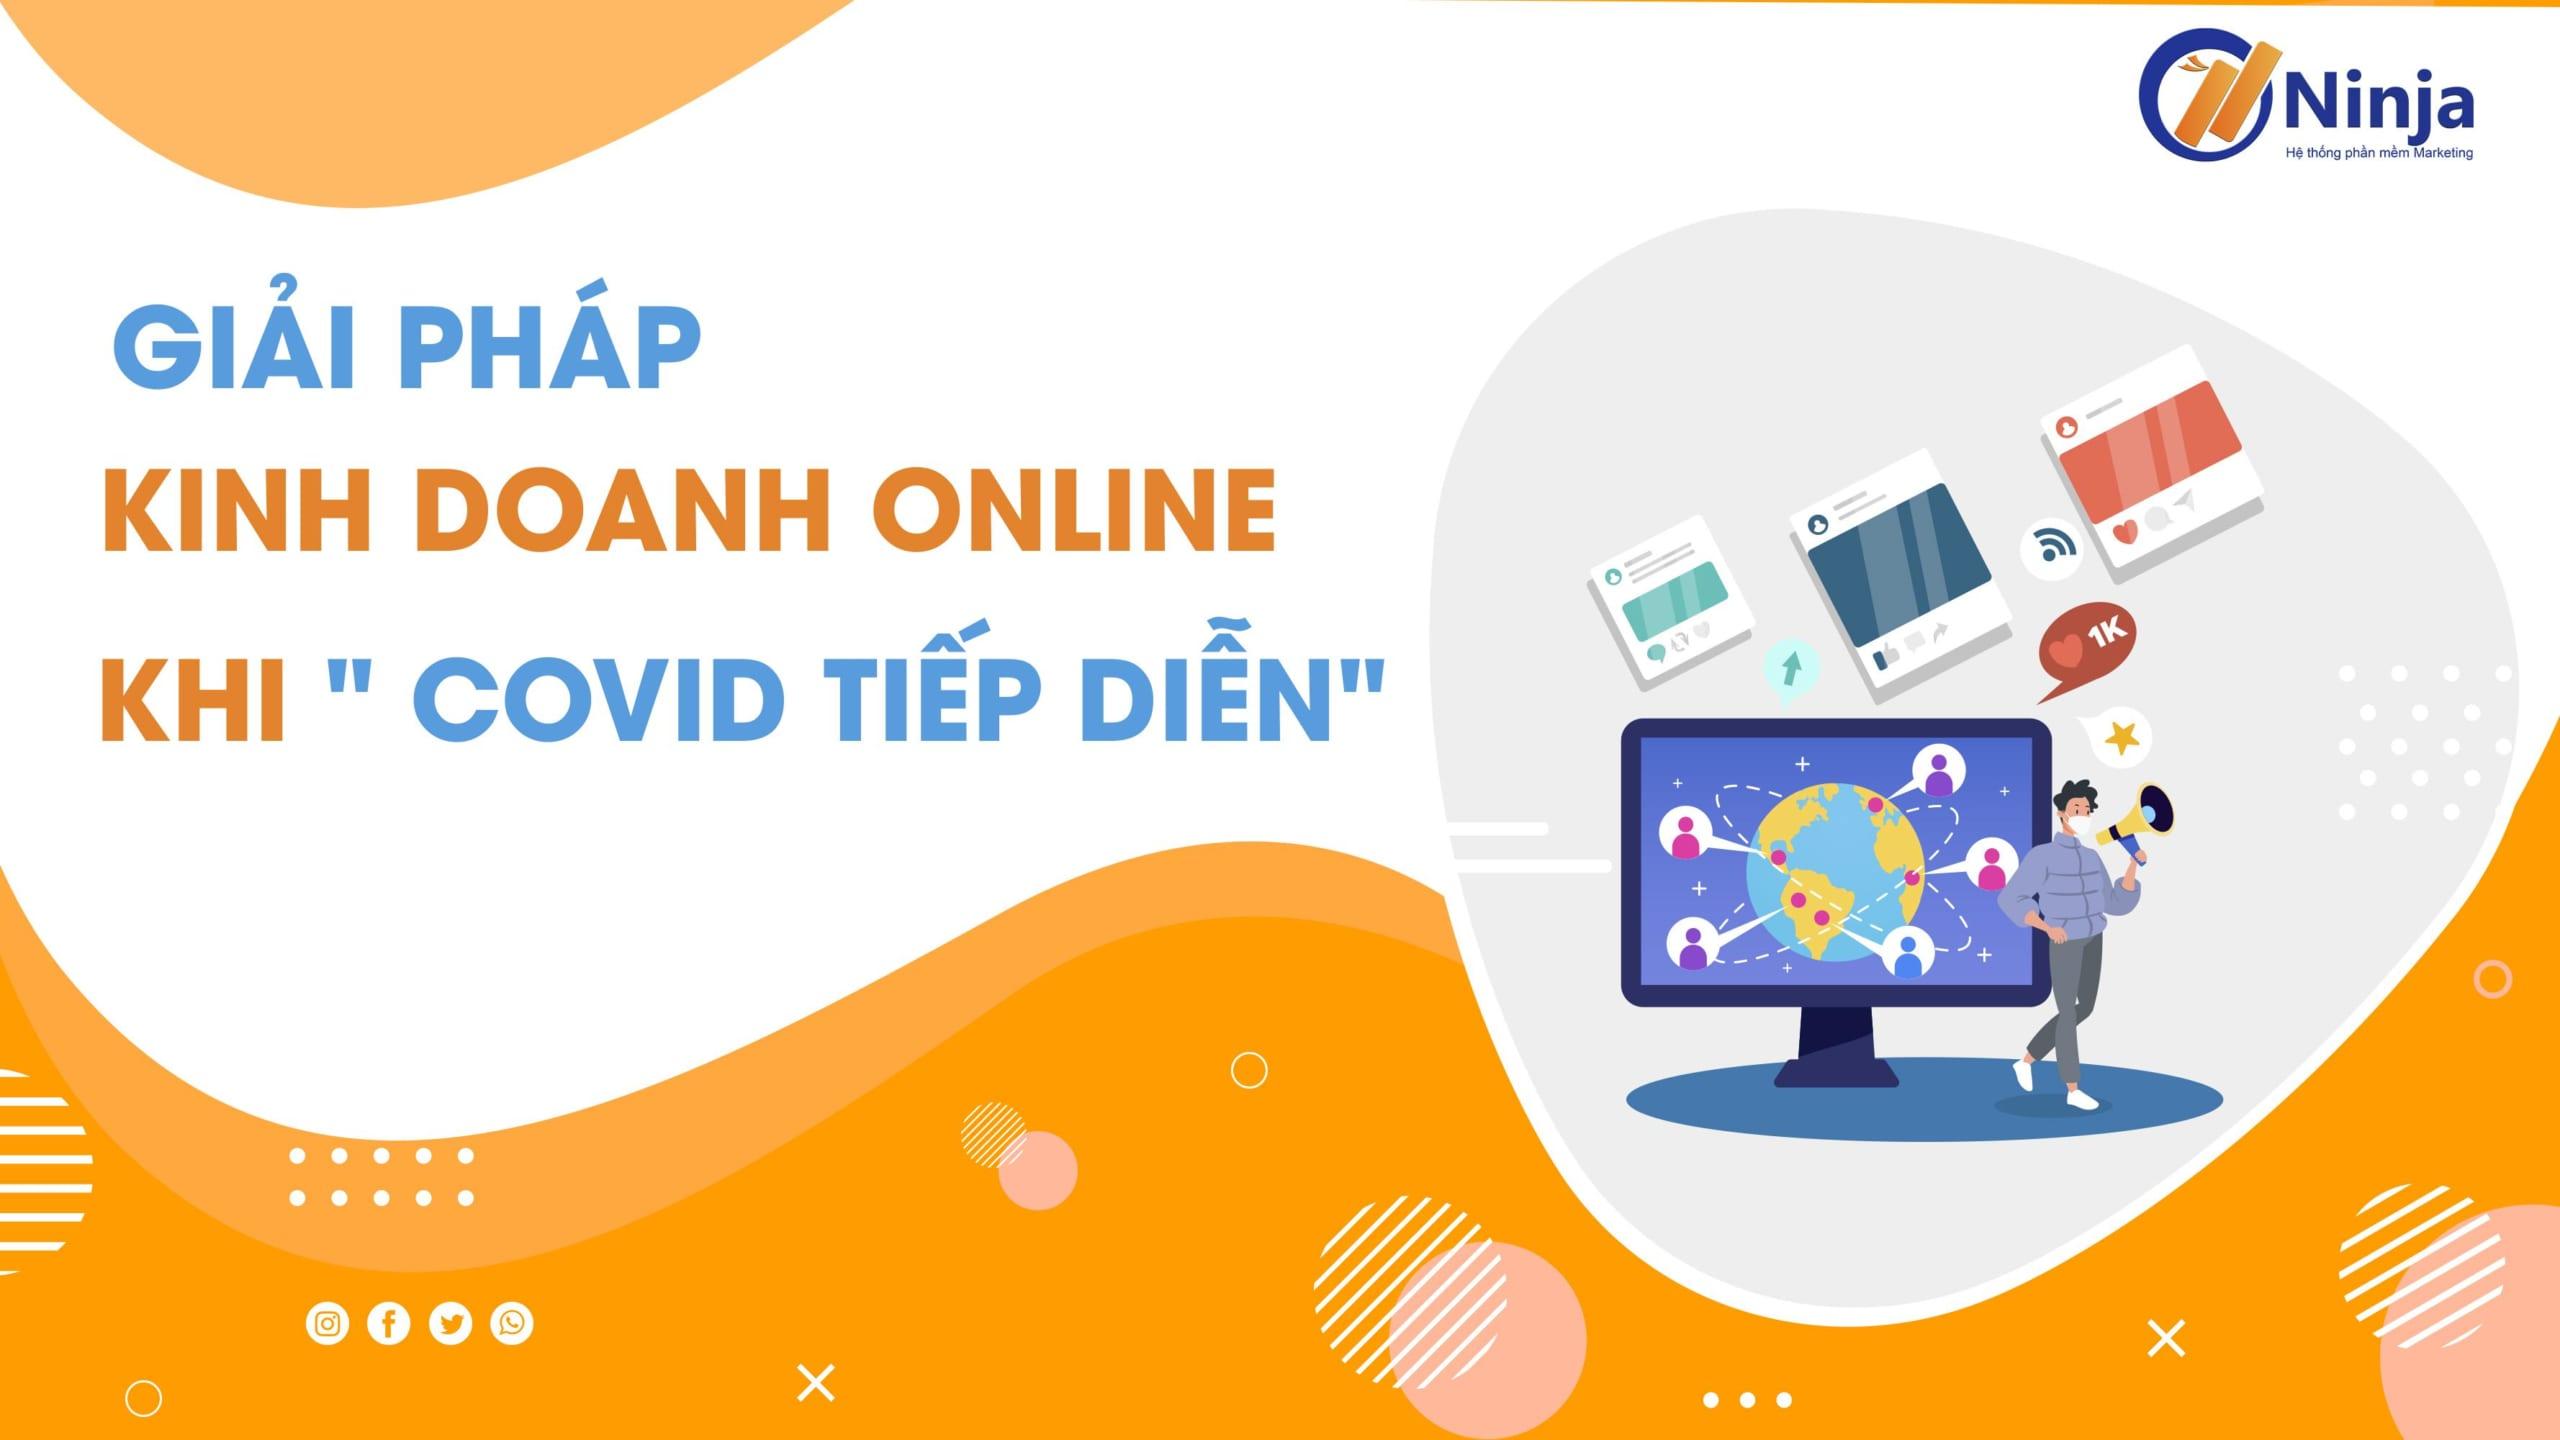 z2008144308266 dc5e0aeaec801373bdcc47df4fc26b99 scaled Tại sao nên bắt đầu ngay với công cụ hỗ trợ bán hàng online khi covid